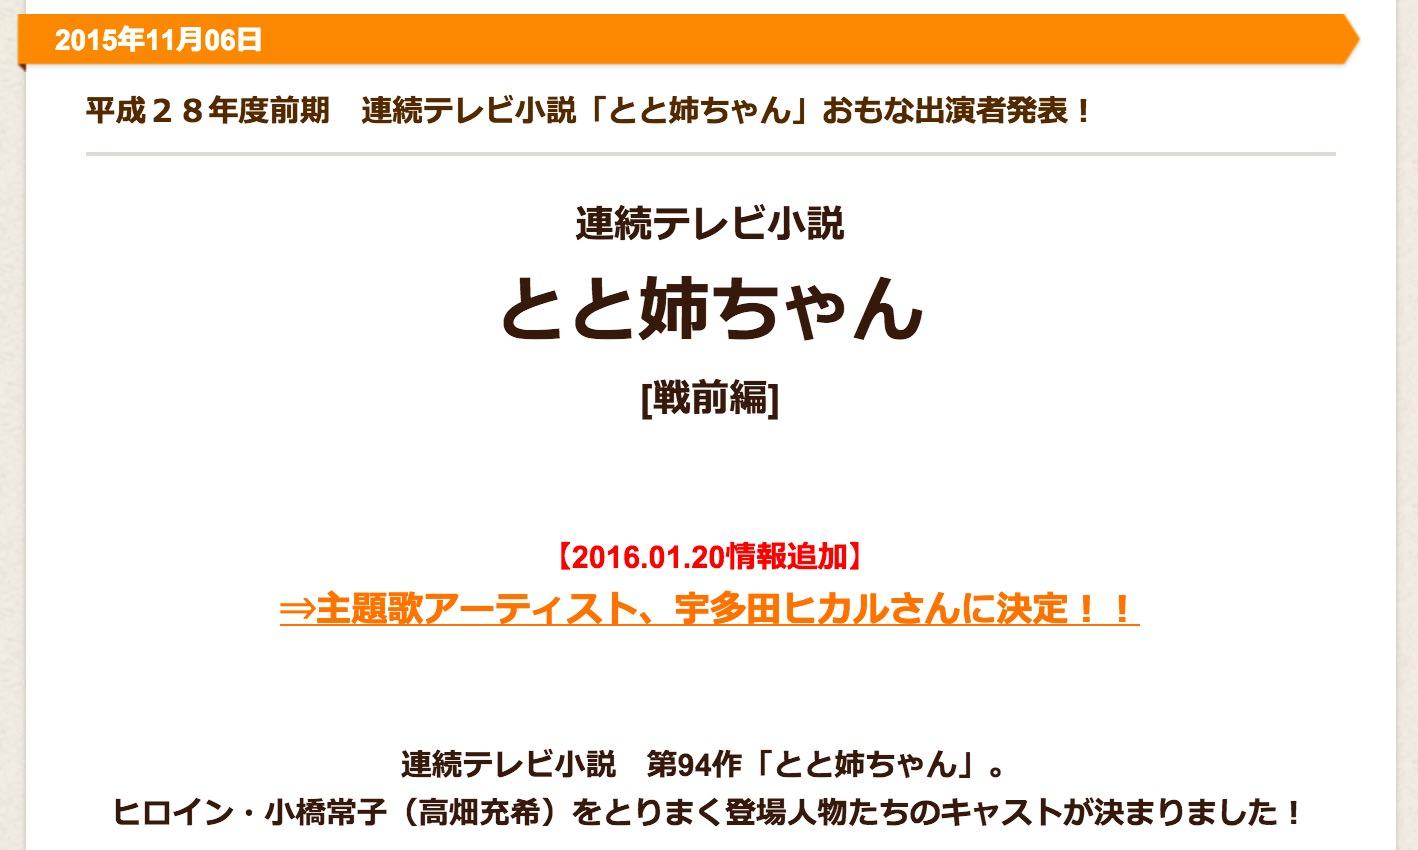 宇多田ヒカル、歌手活動再開!?朝ドラ「とと姉ちゃん」主題歌を担当